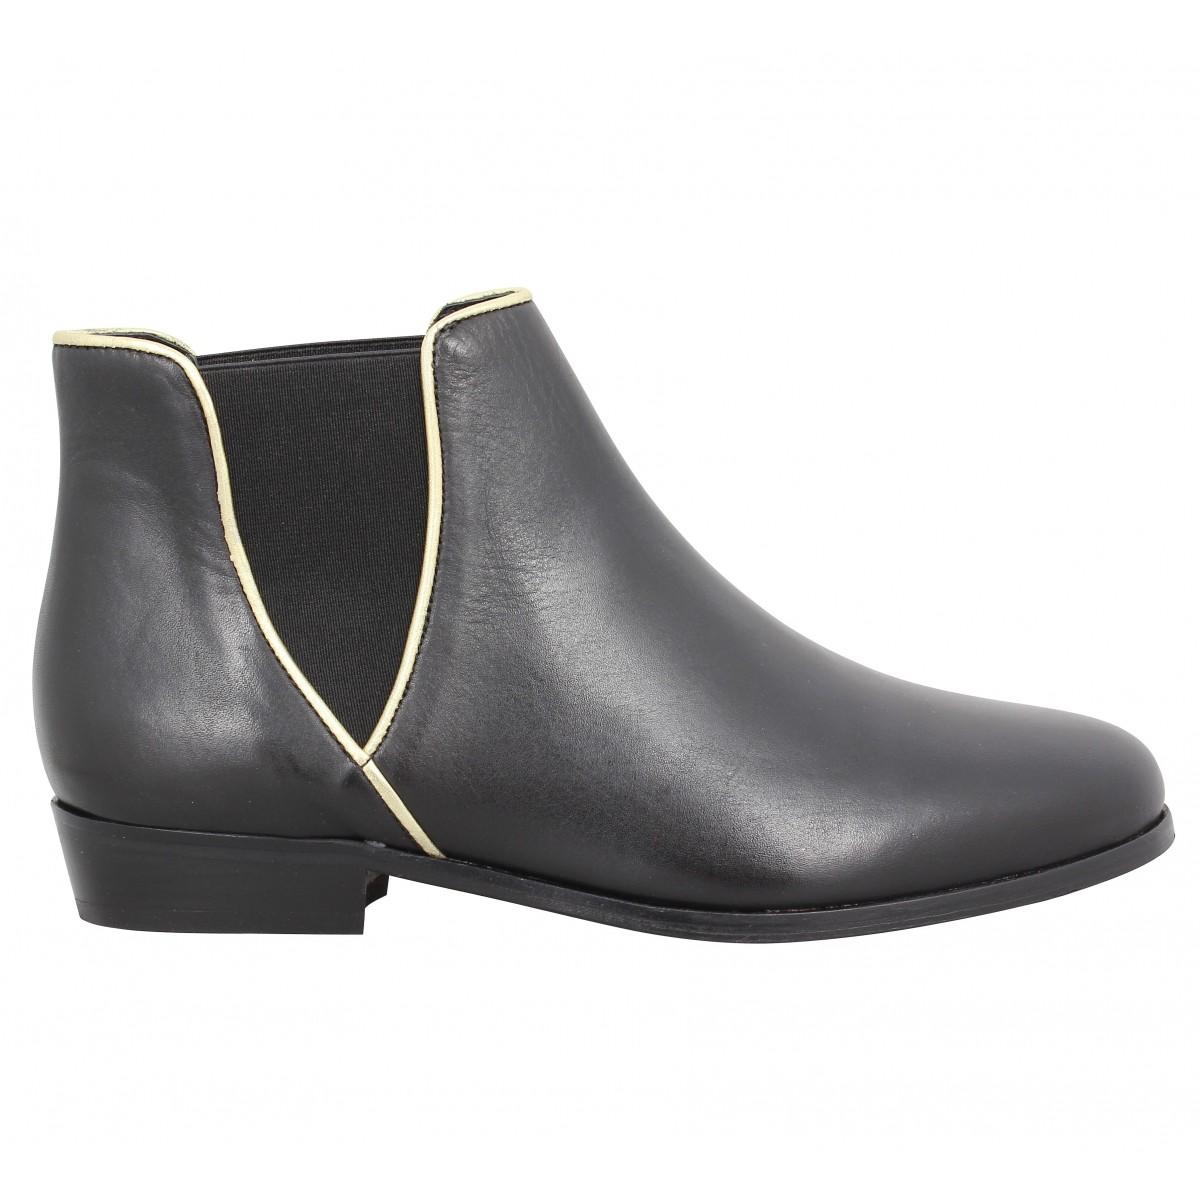 Bobbies SOLDES Boots noires en cuir Visiter Le Nouveau Prix Pas Cher Hb6Kpqvj